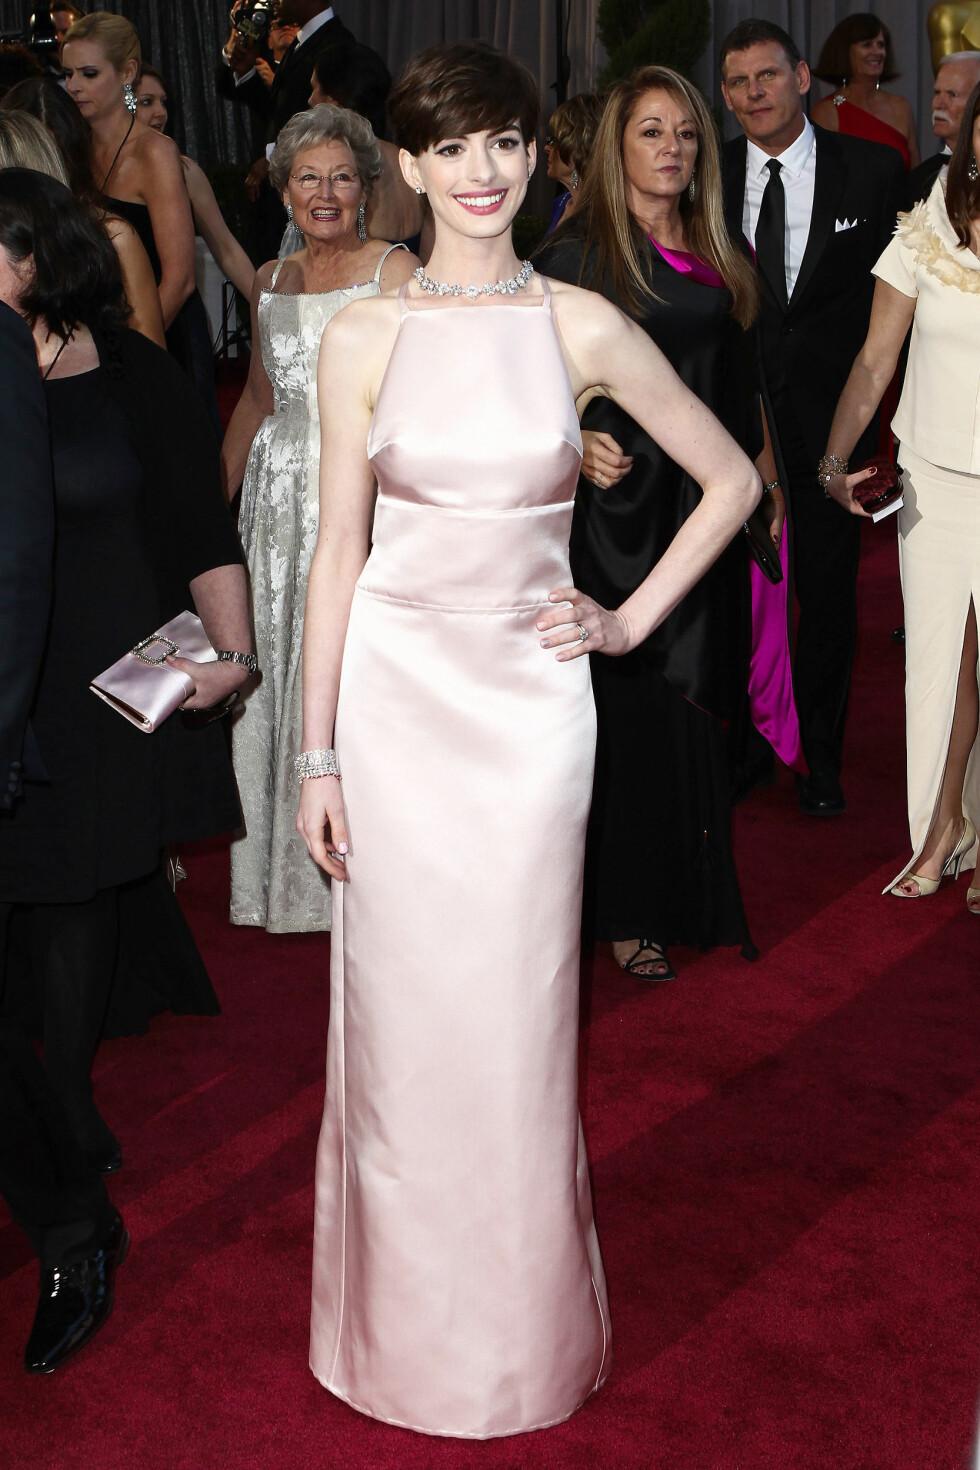 I 2013: Anne Hathaway valgte i siste liten bort Valentino-kjolen sin, ettersom den lignet for mye på kjolen til en av de andre Oscar-stjernene. Dermed endte hun opp med denne blekrosa kreasjonen fra Prada, som gjorde henne svært få tjenester.  Foto: Splash News/ All Over Press